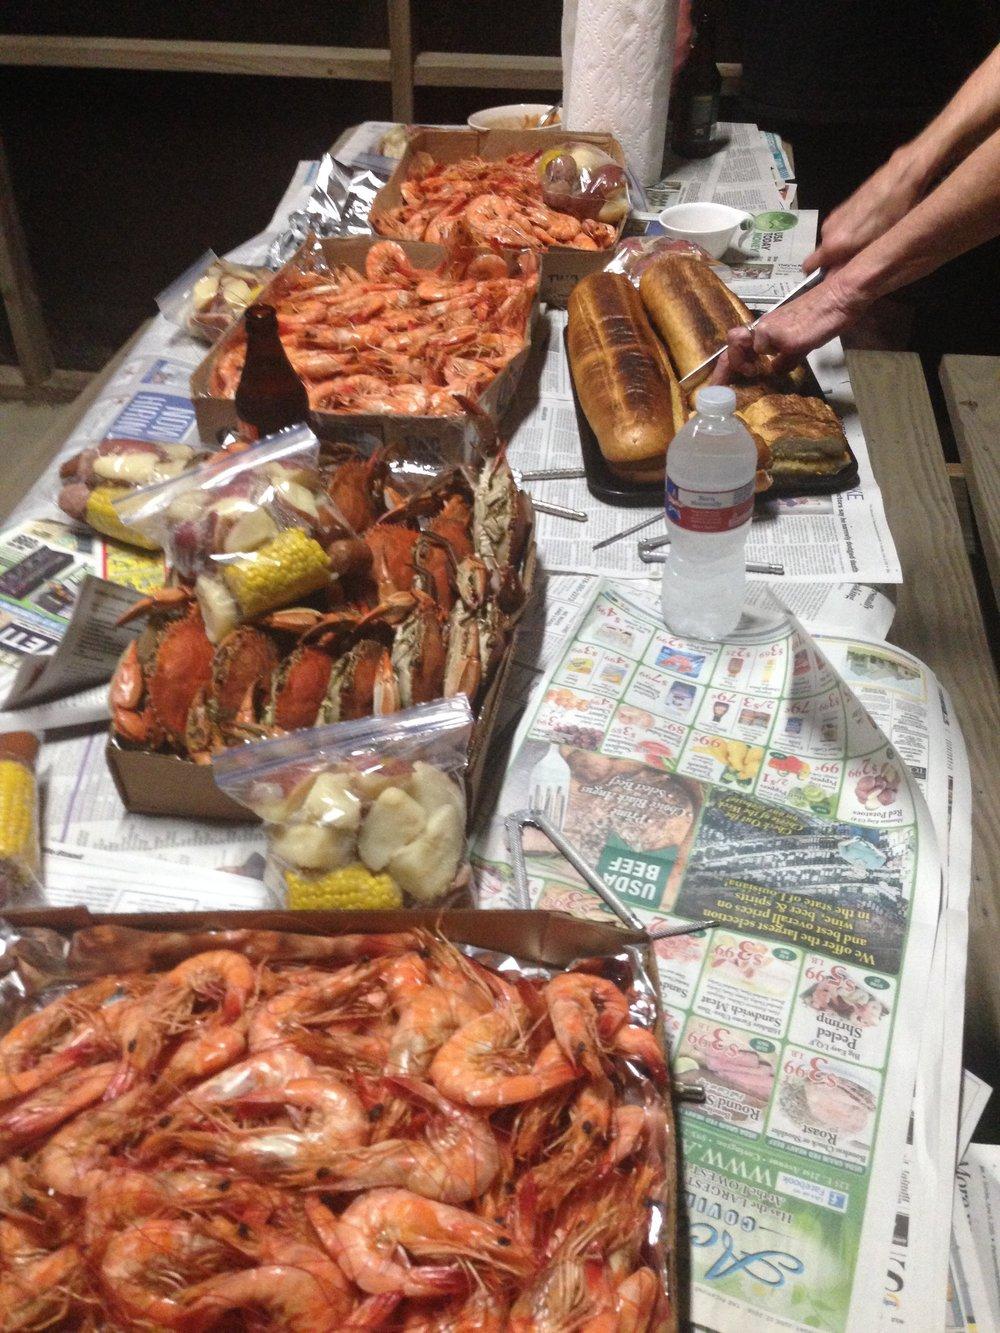 Crawfish and shrimp. Delicious!